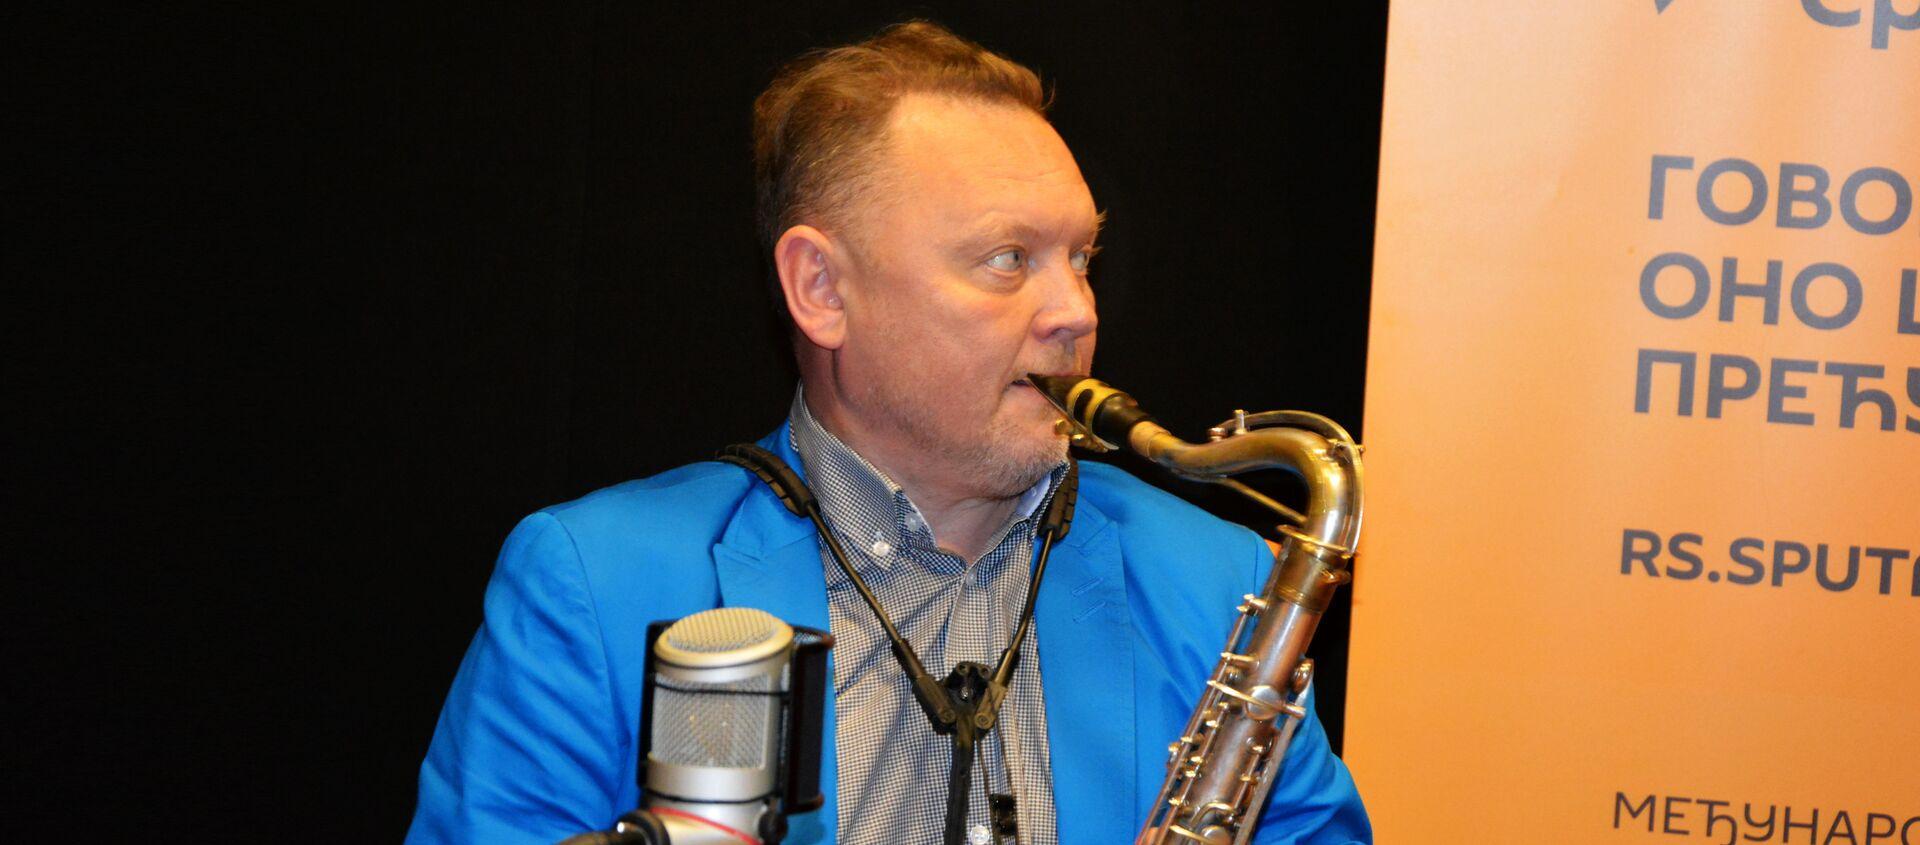 Ruski saksofonista Oleg Kirejev - Sputnik Srbija, 1920, 09.11.2017